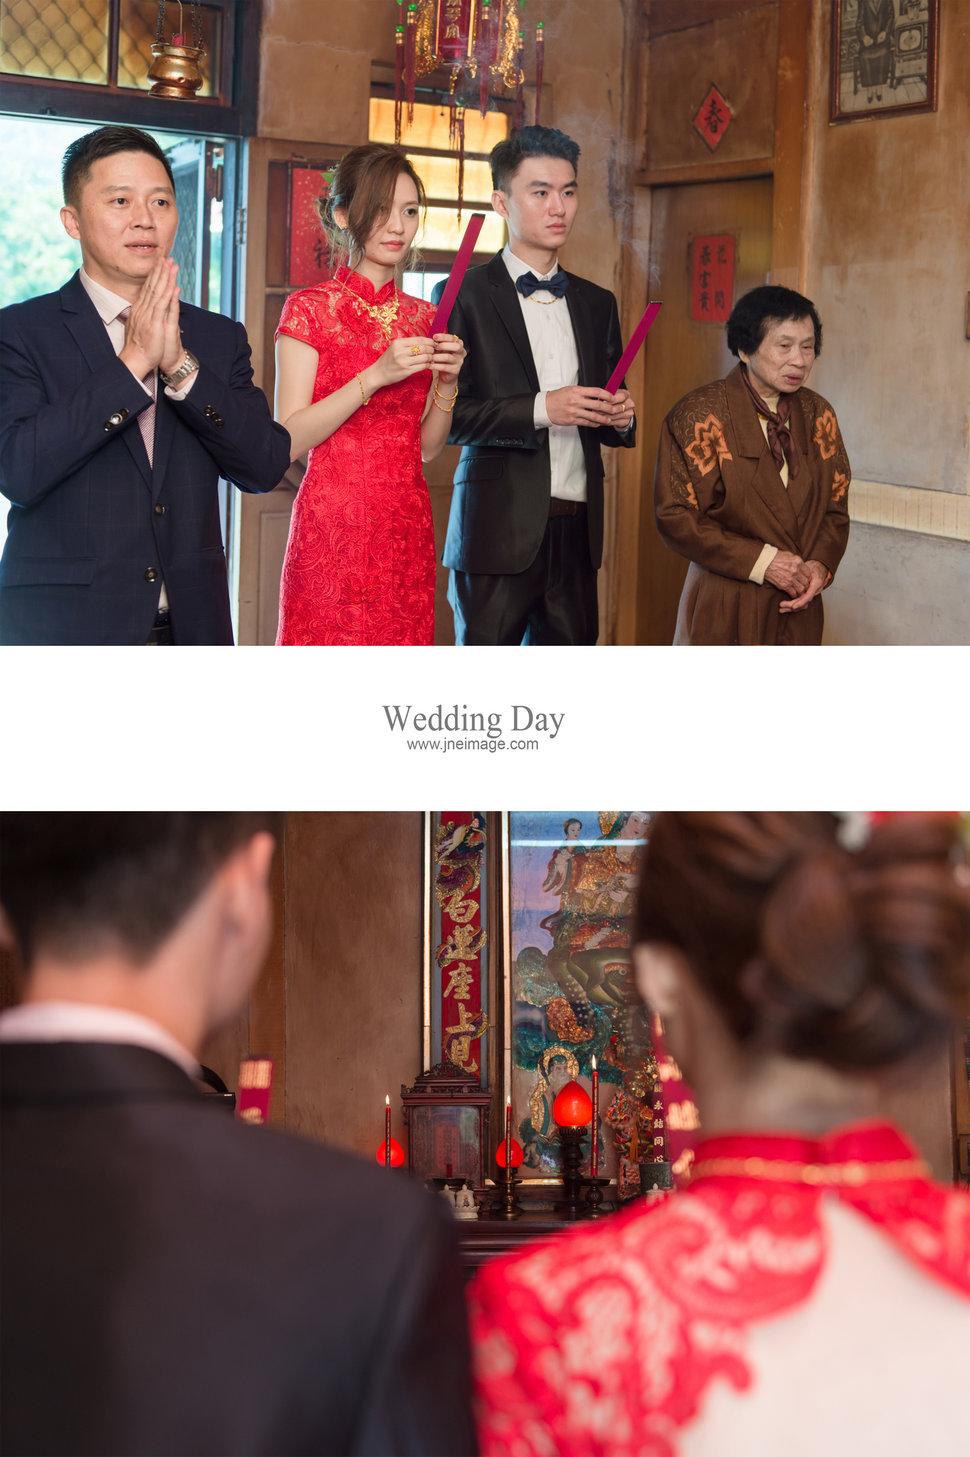 _JNE0047 - J&E Image Studio - 結婚吧